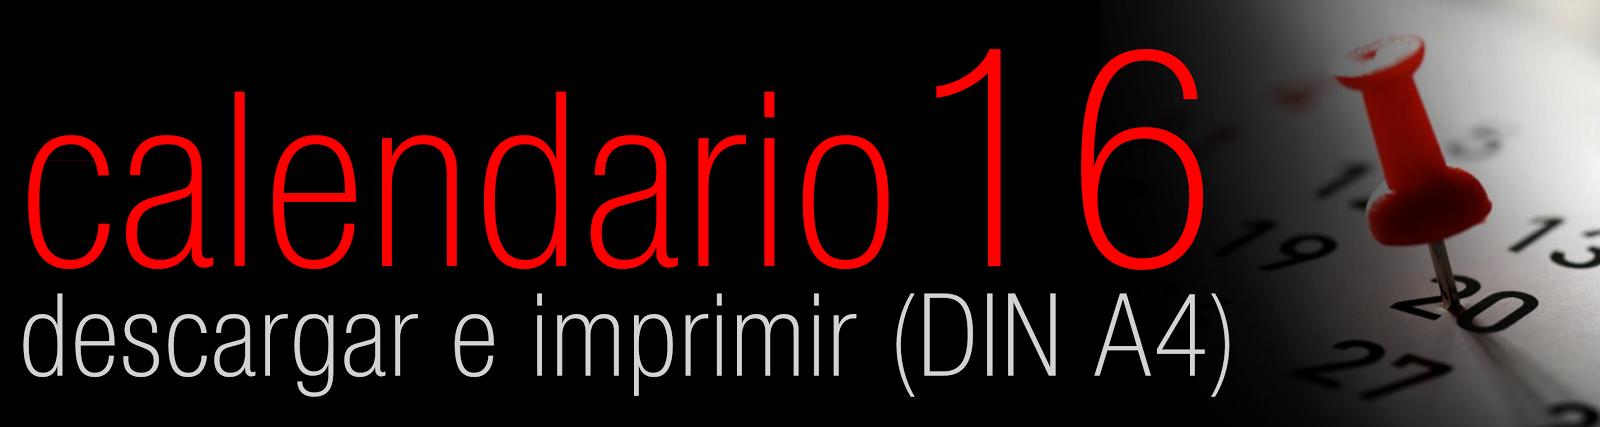 <strong>CALENDARIO 2016 (DIN A4)</strong>